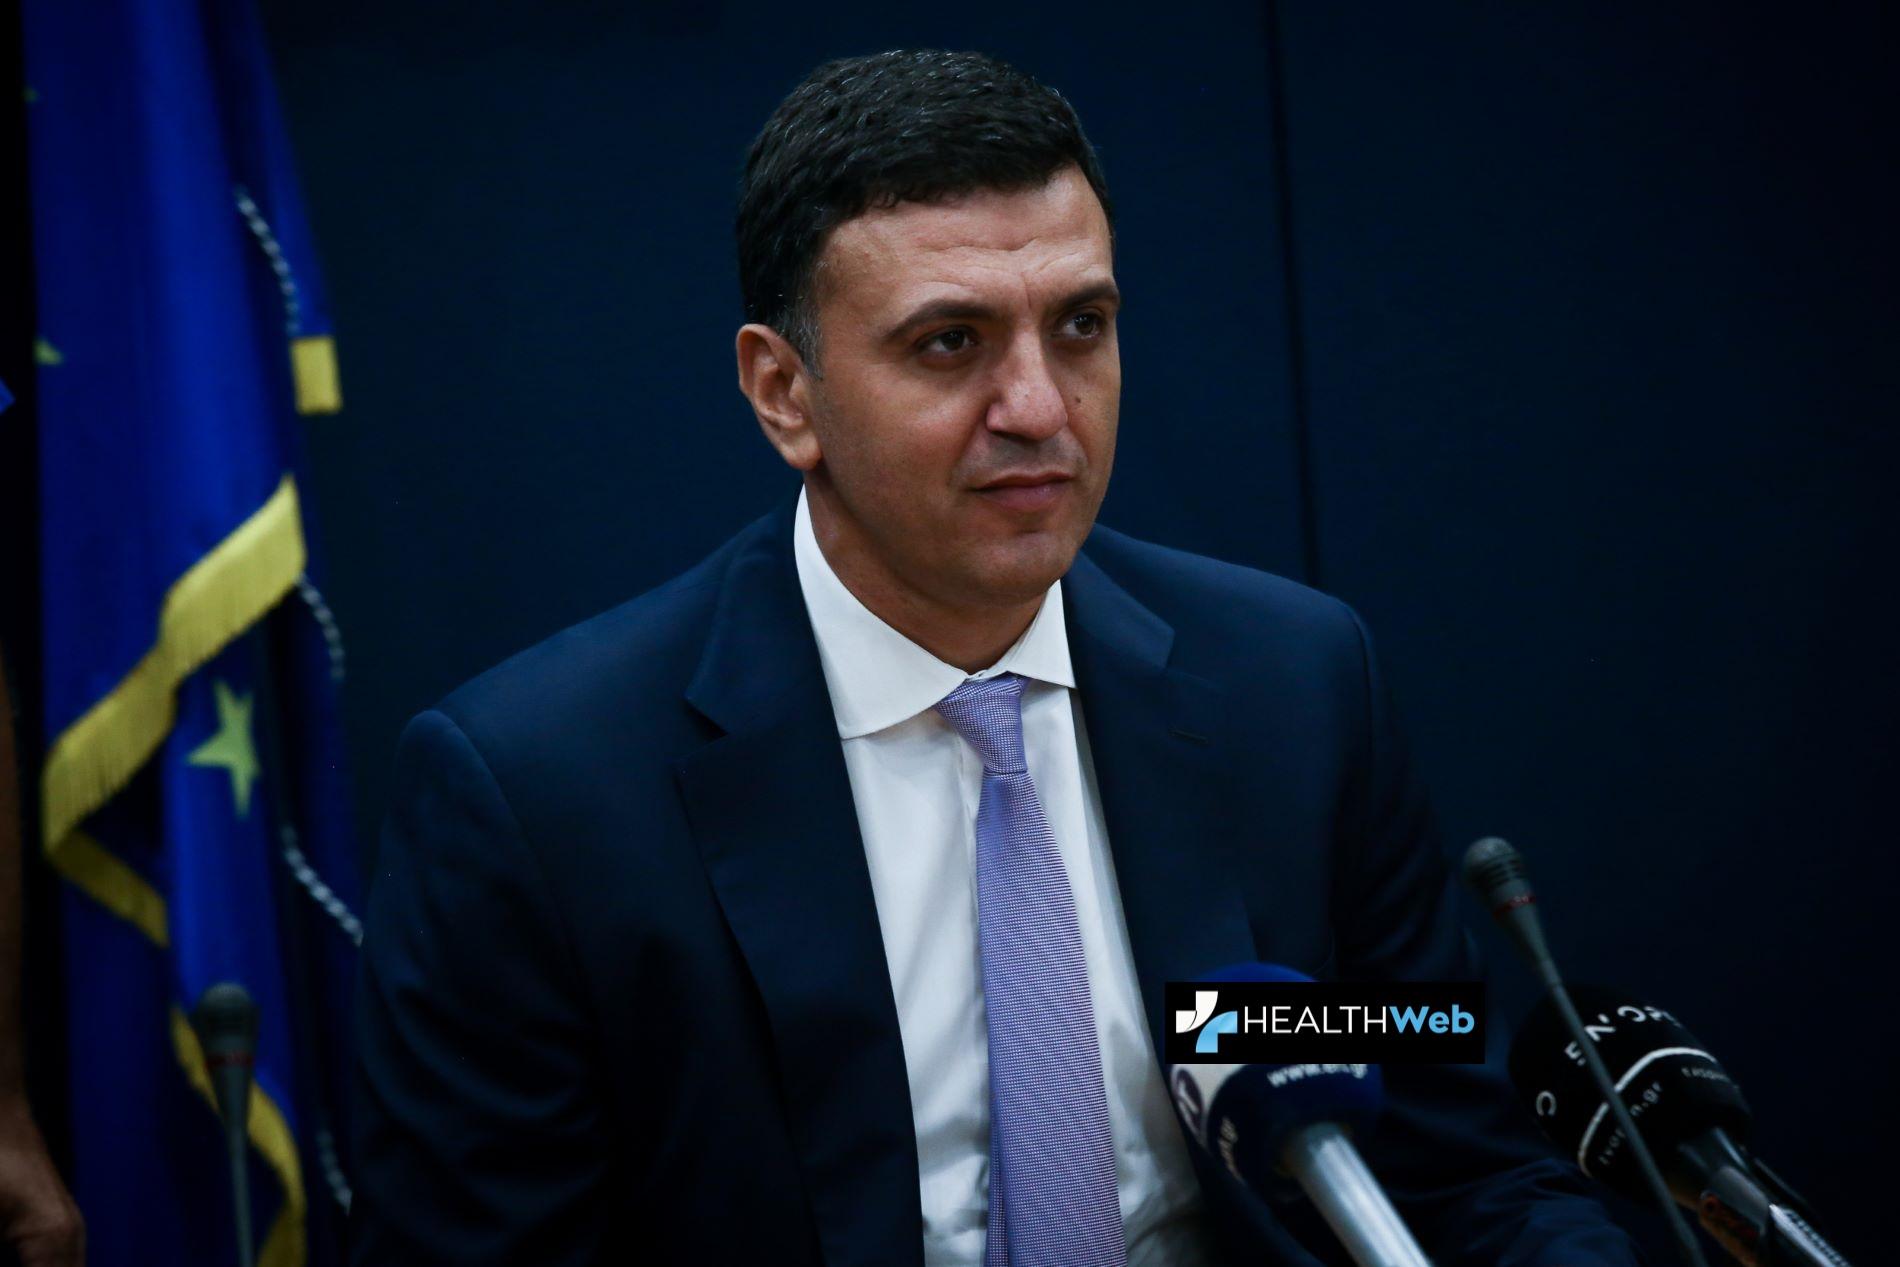 Tο Non paper του Κικίλια μετά το ρεπορτάζ του Healthweb.gr για την αξιολόγηση των Διοικητών